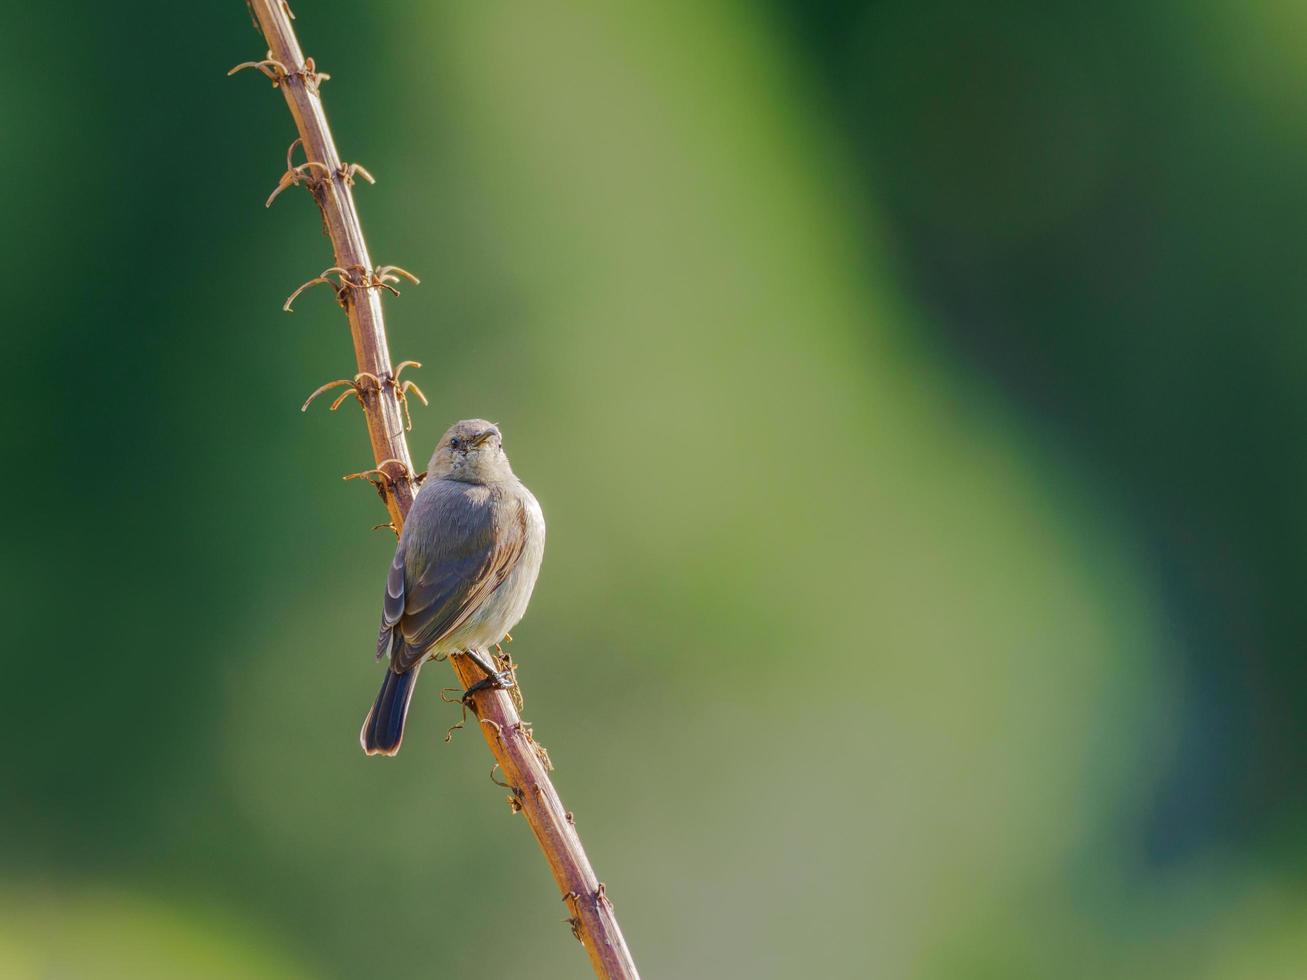 grauer Vogel thront auf Ast foto